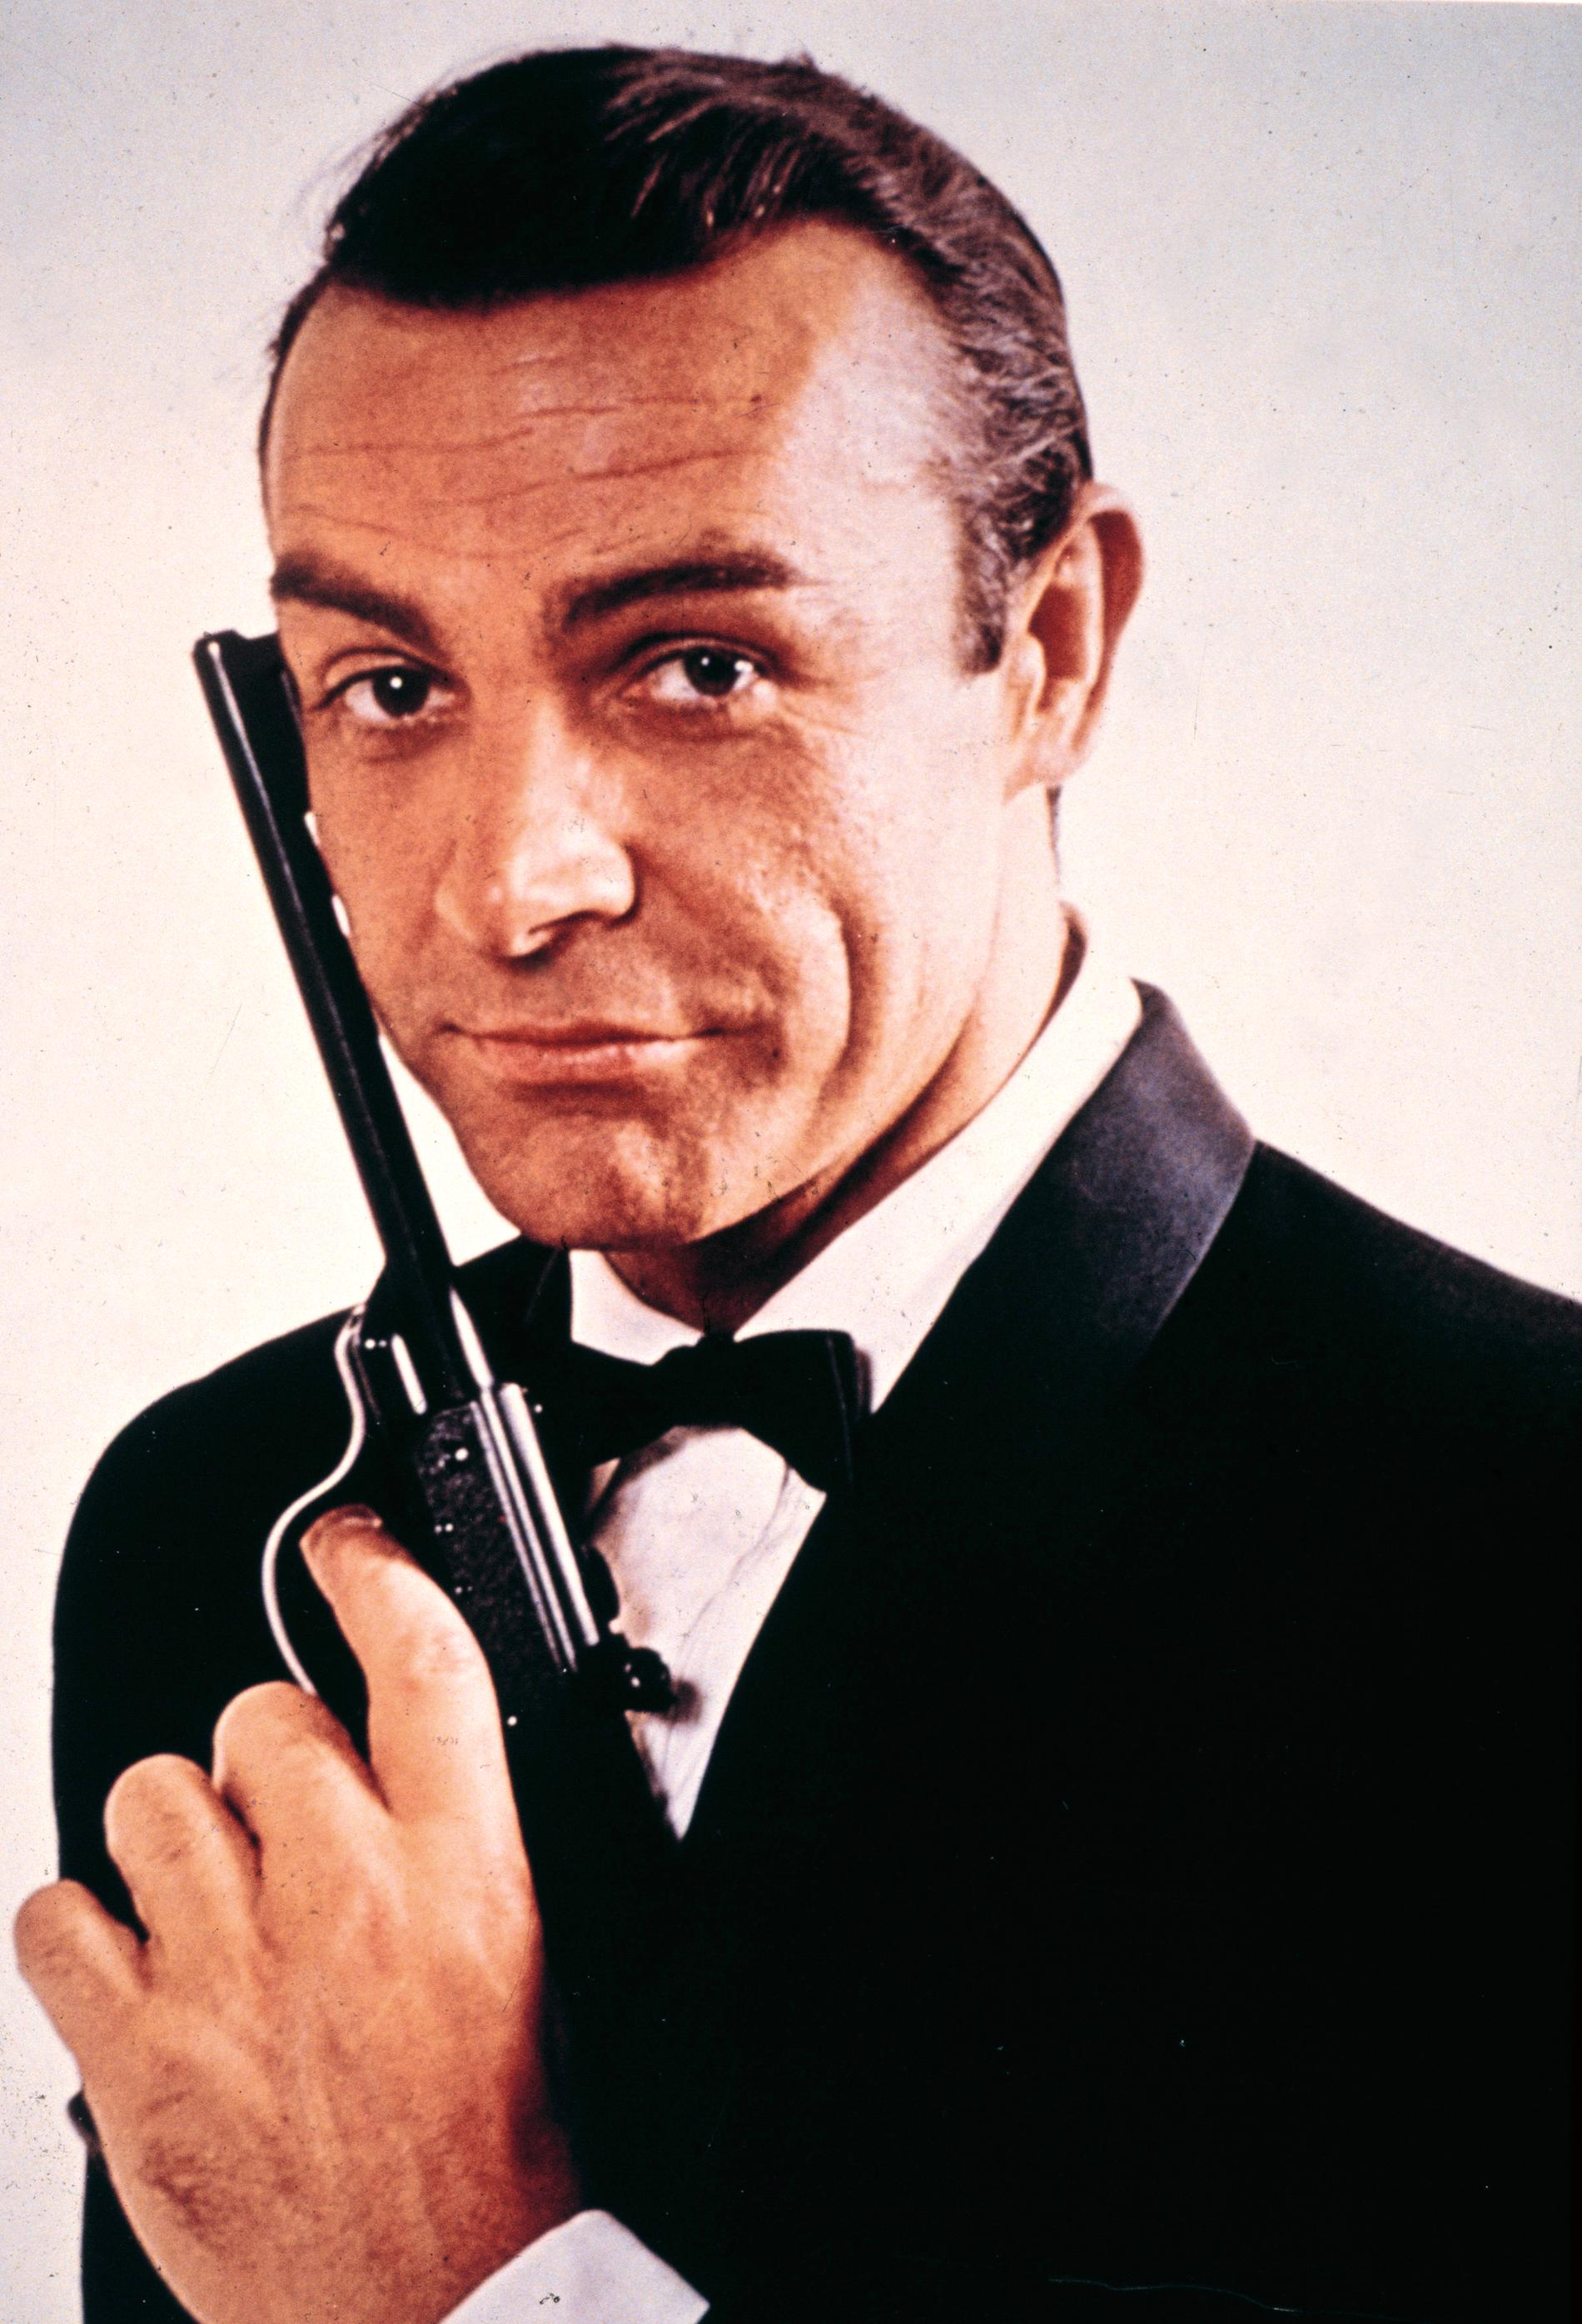 Sean Connery är kanske mest känd som James Bond.